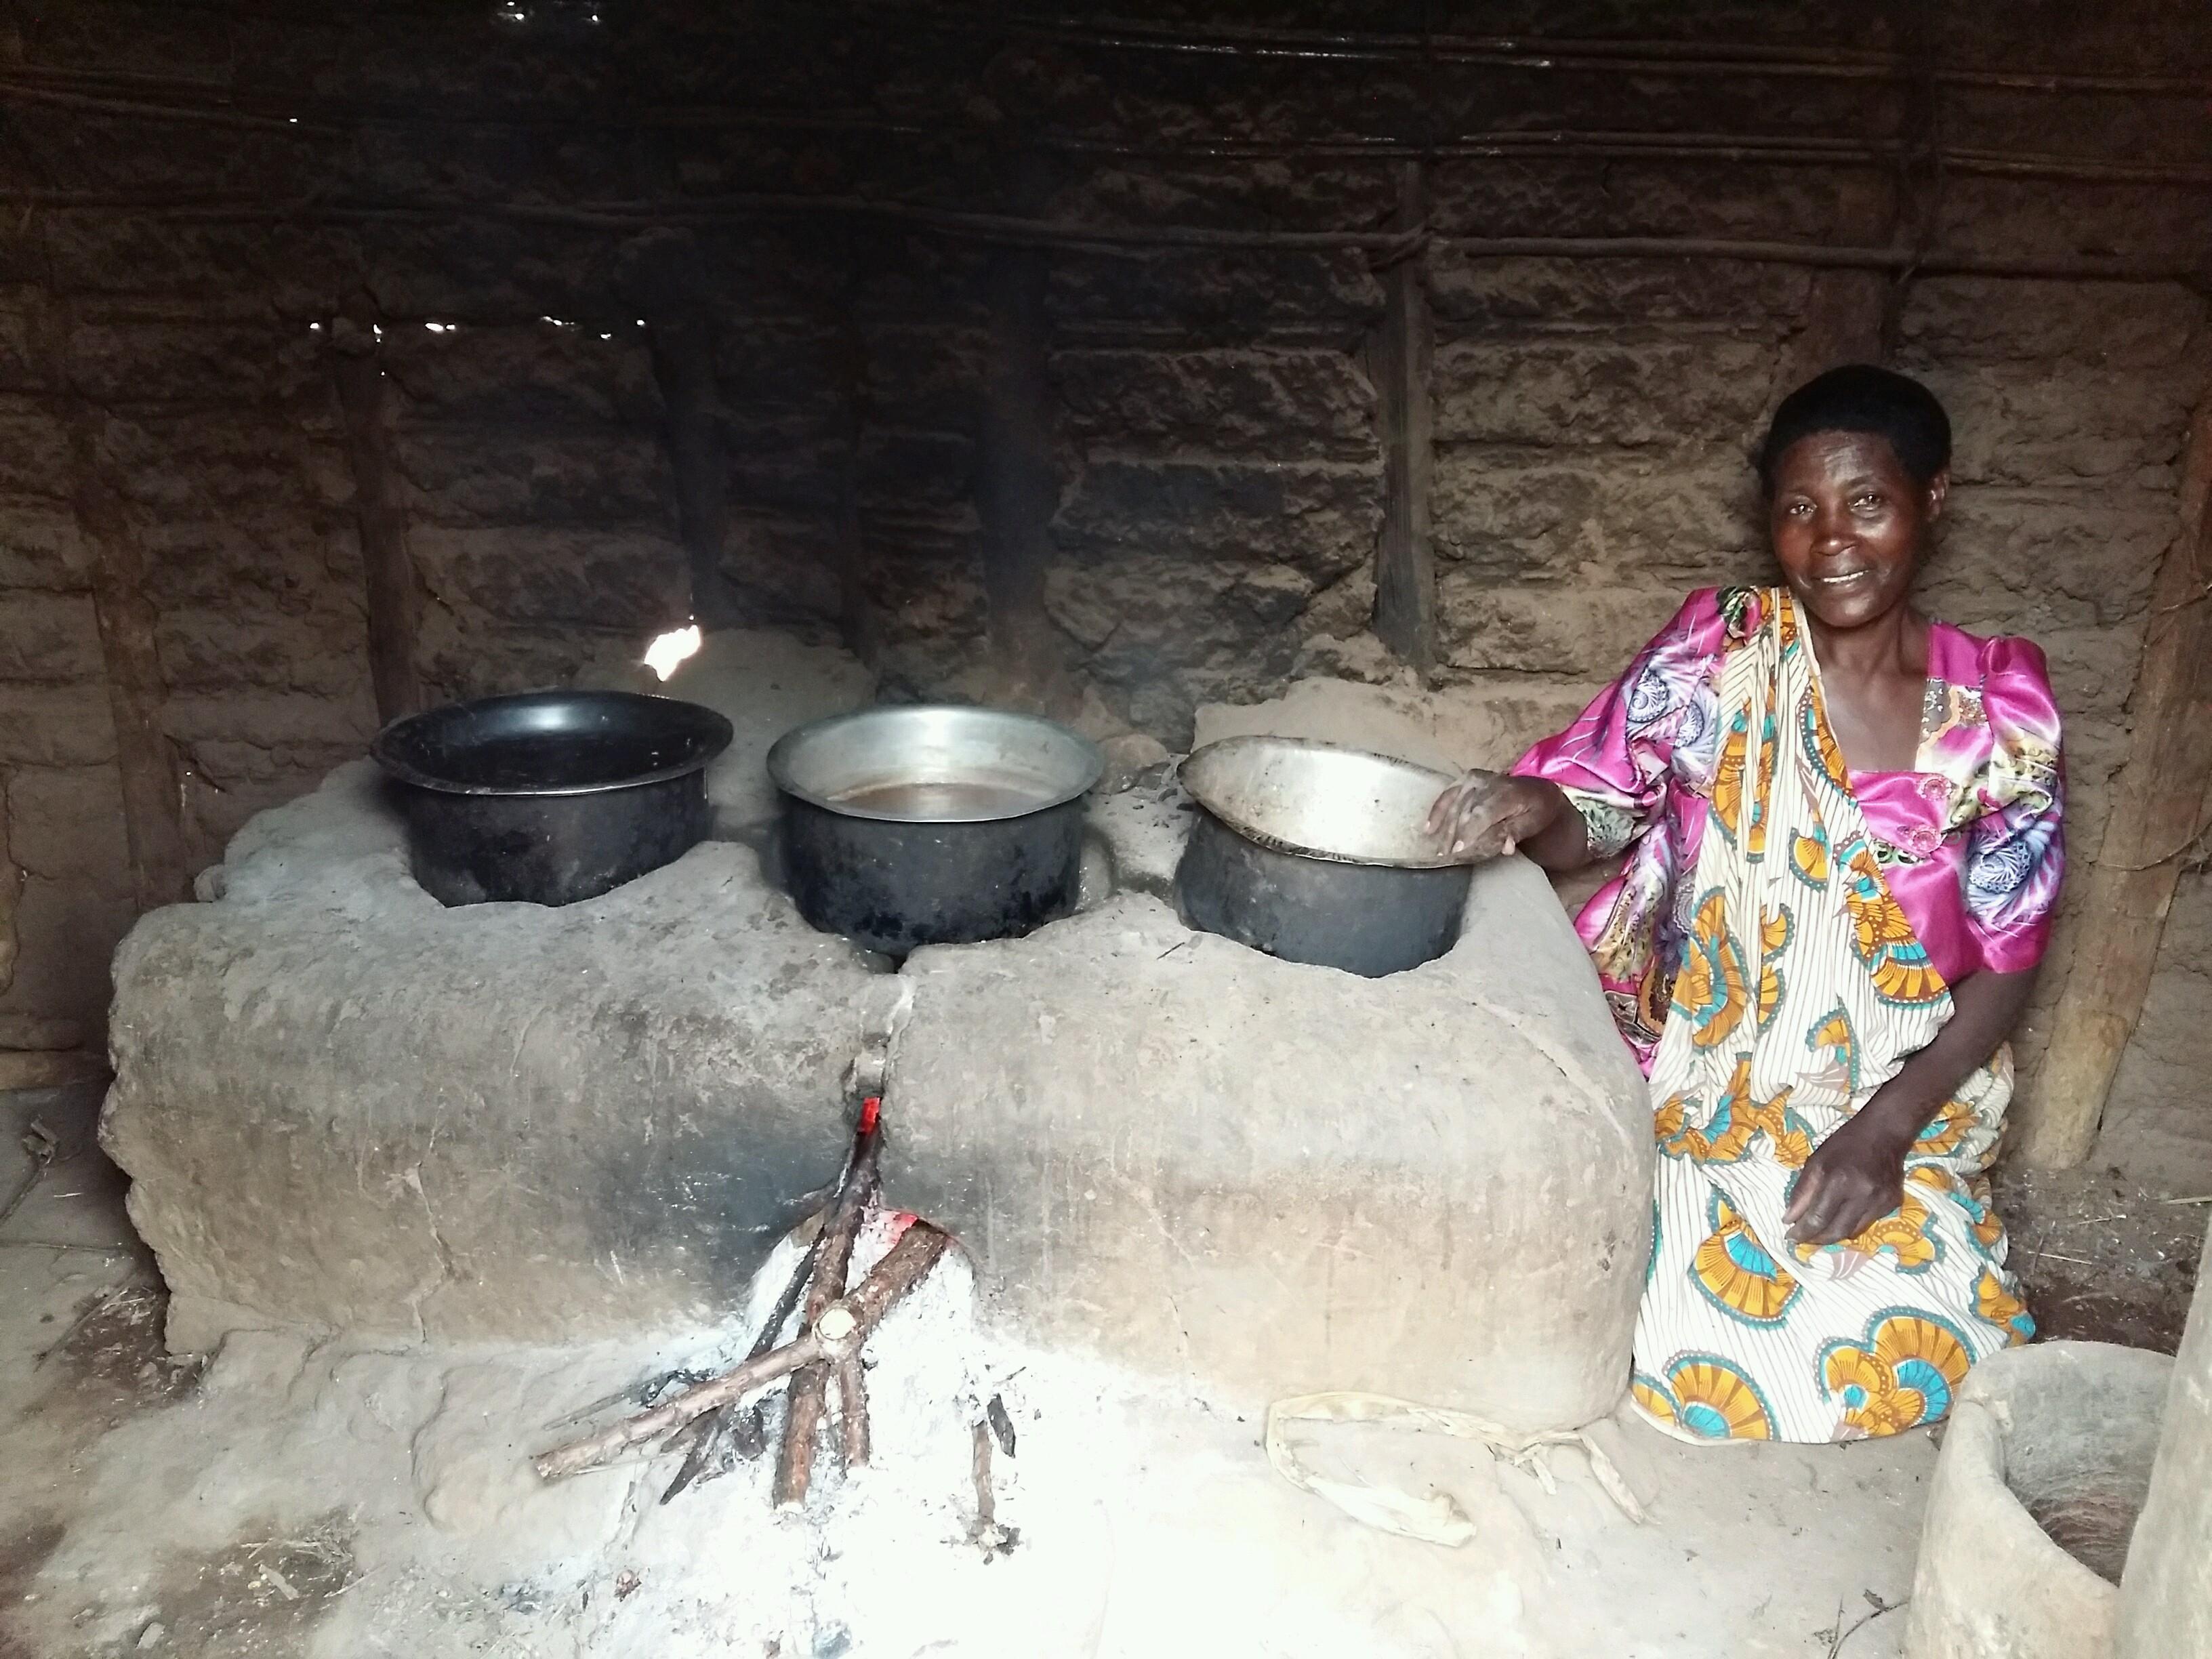 ウガンダ 地域の様子